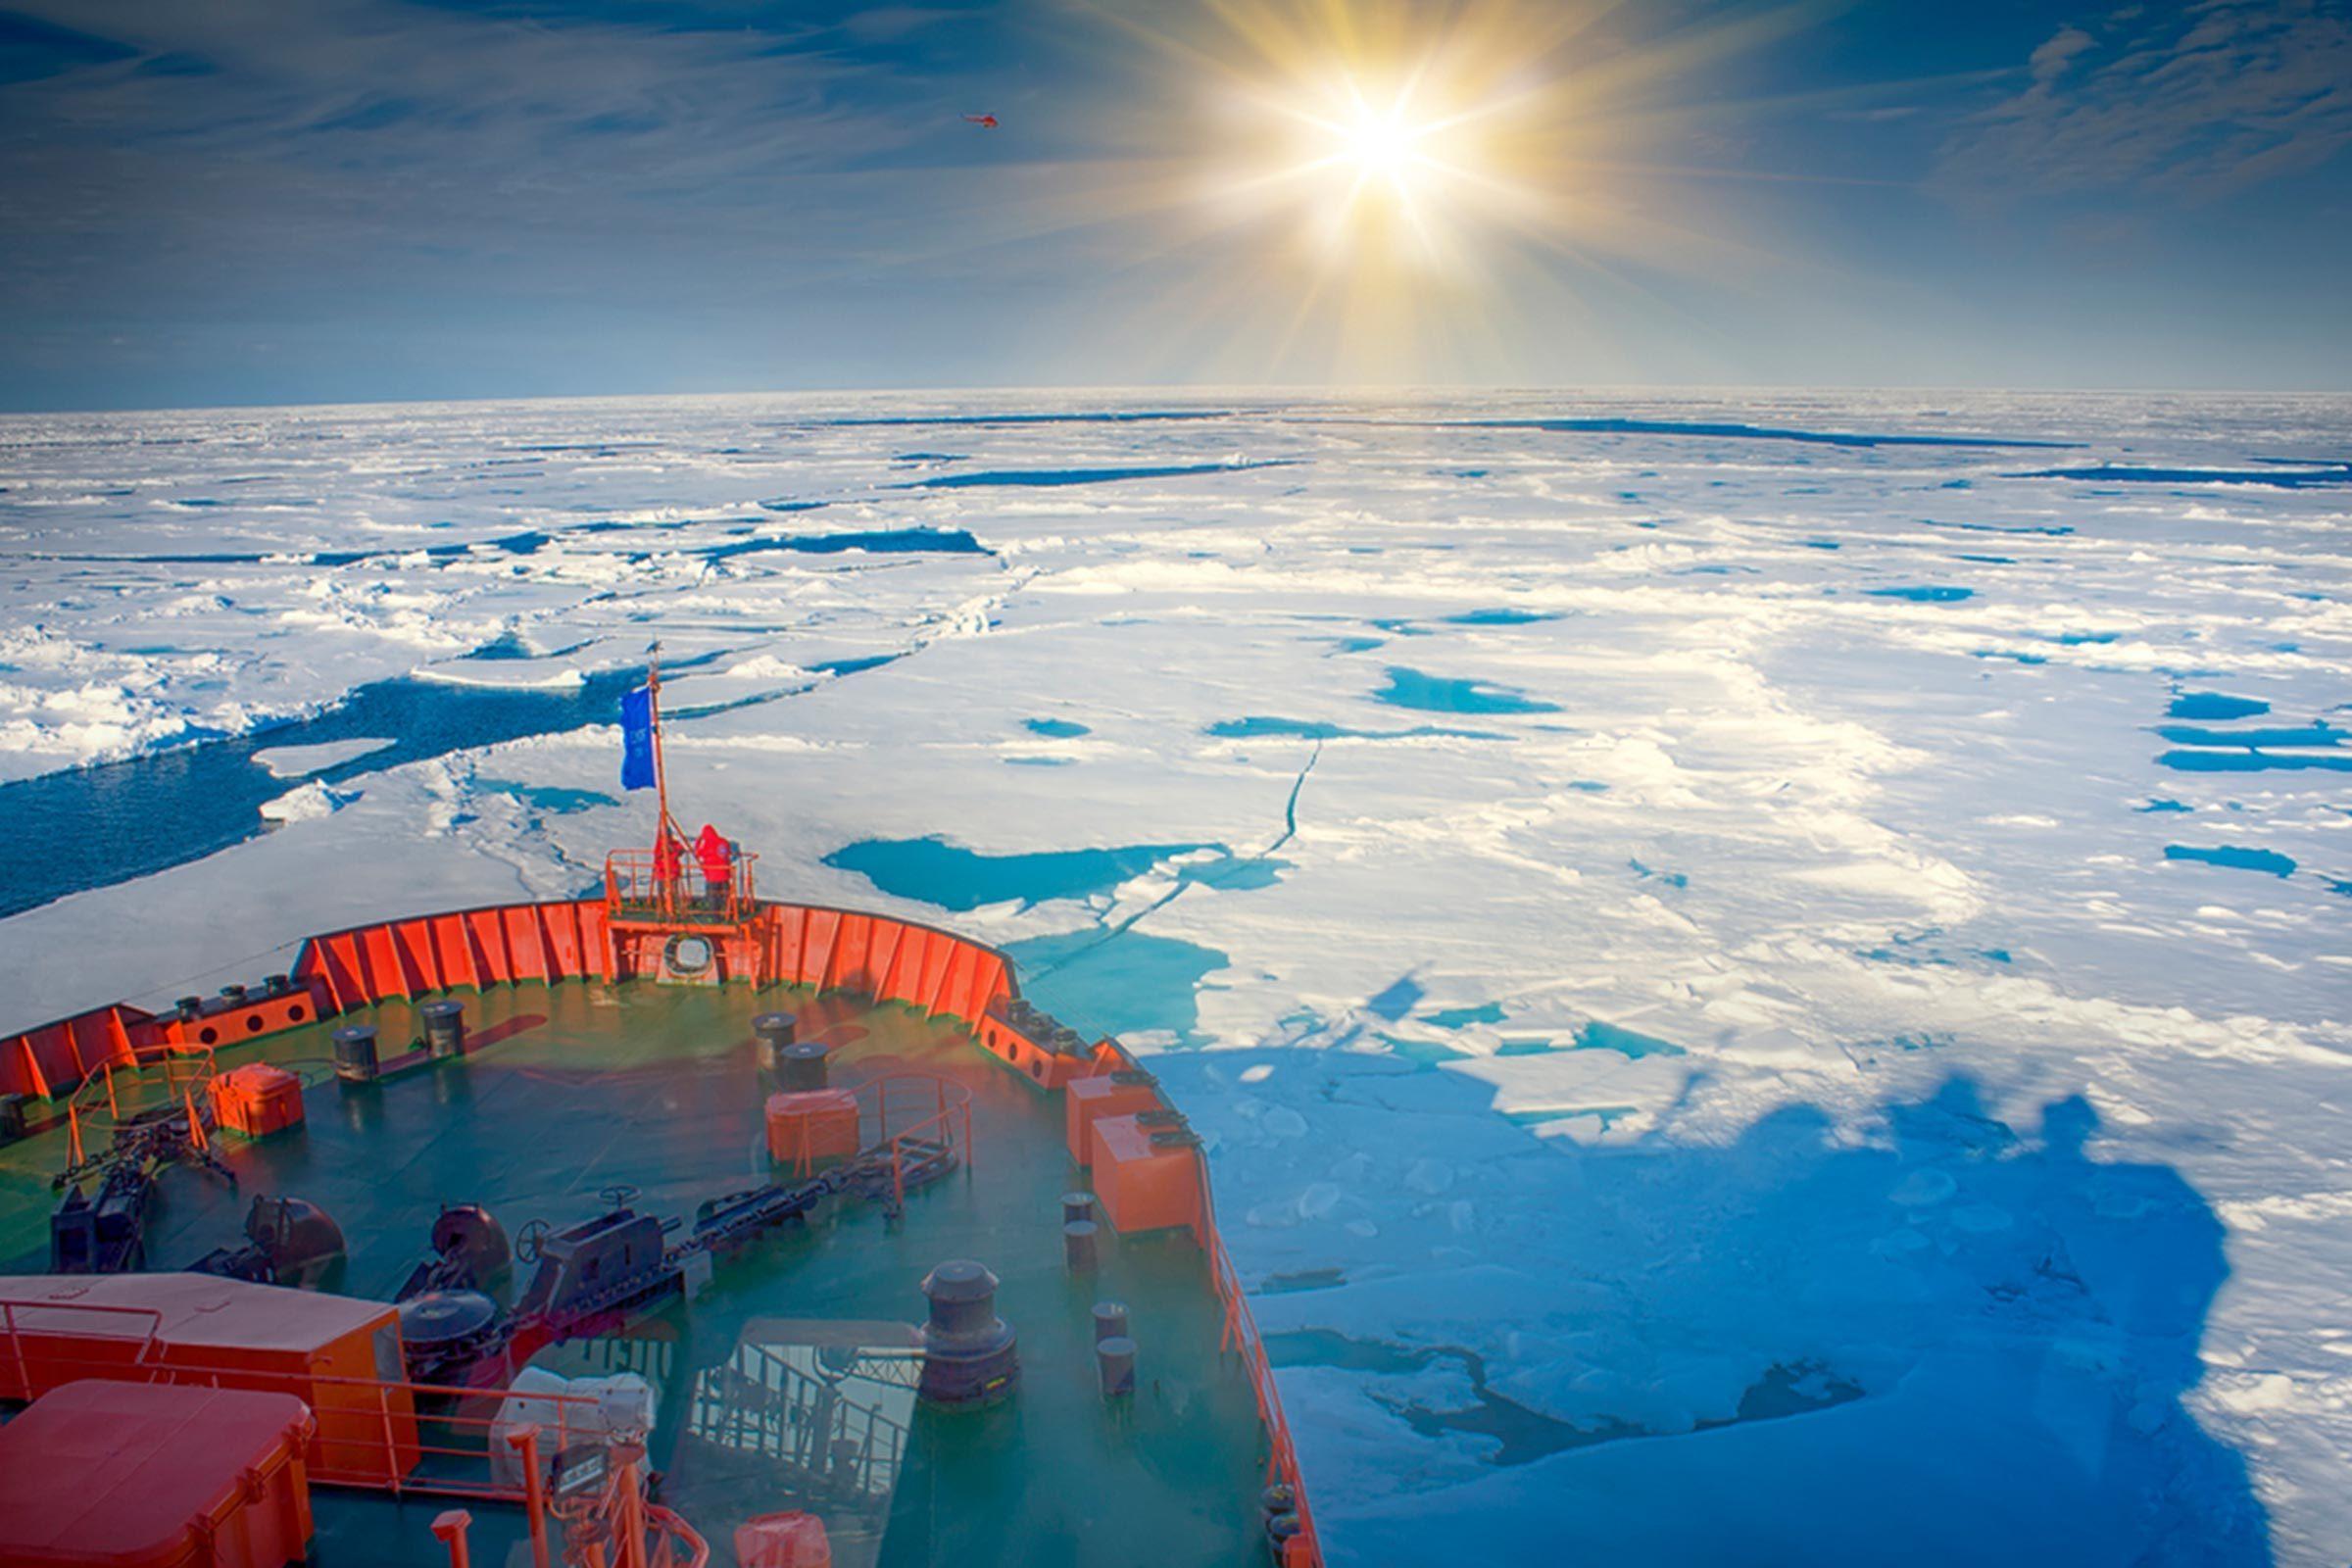 Icebreaker before